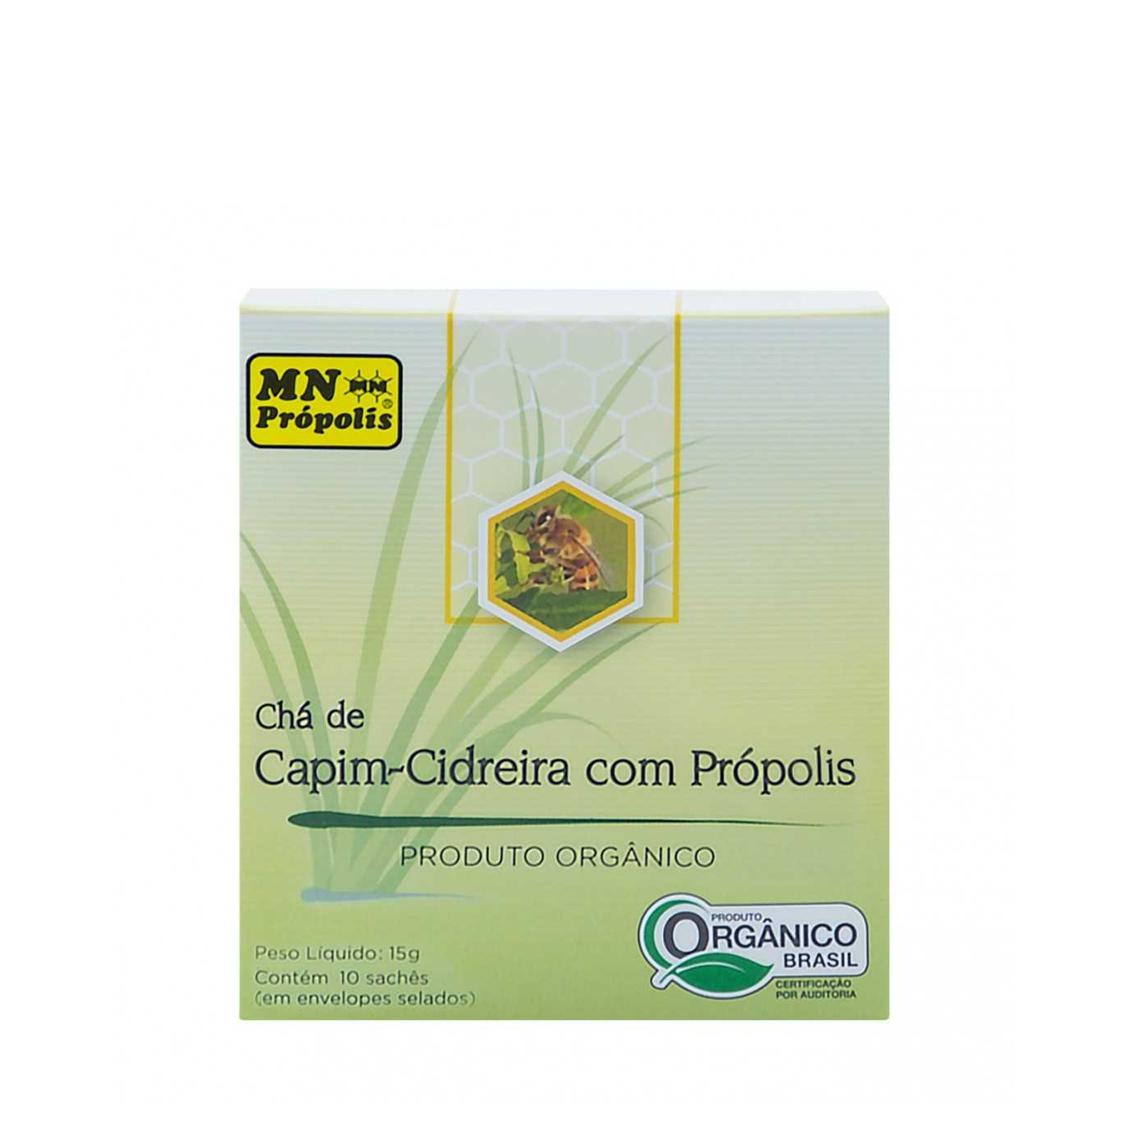 Chá Capim Cidreira c/ Própolis (c/ 10 sachês) – MN Própolis